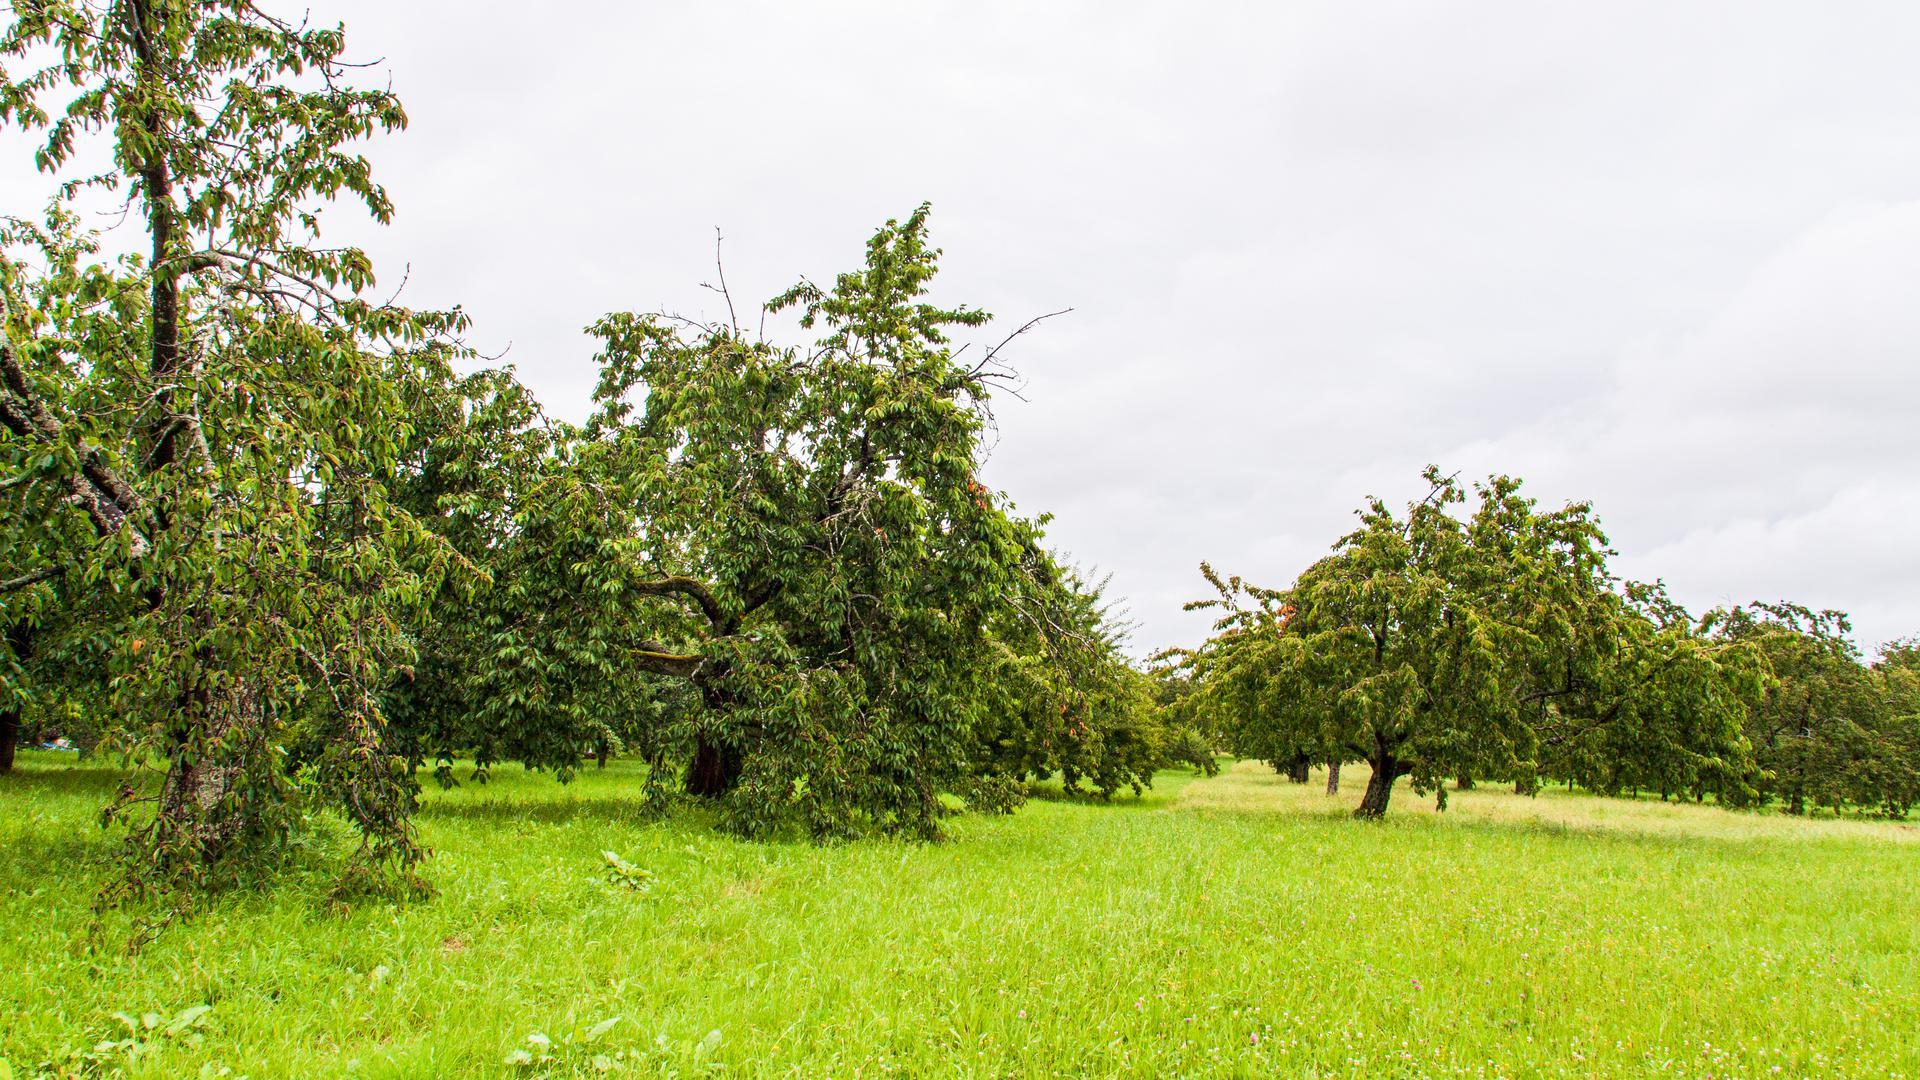 """Obstbäume so weit das Auge reicht. Gut sechs Hektar groß ist das """"Bühli""""-Areal in Mösbach. Nun sollen die Obstbäume Platz machen für ein neues Wohngebiet. Foto: Michael Brück"""